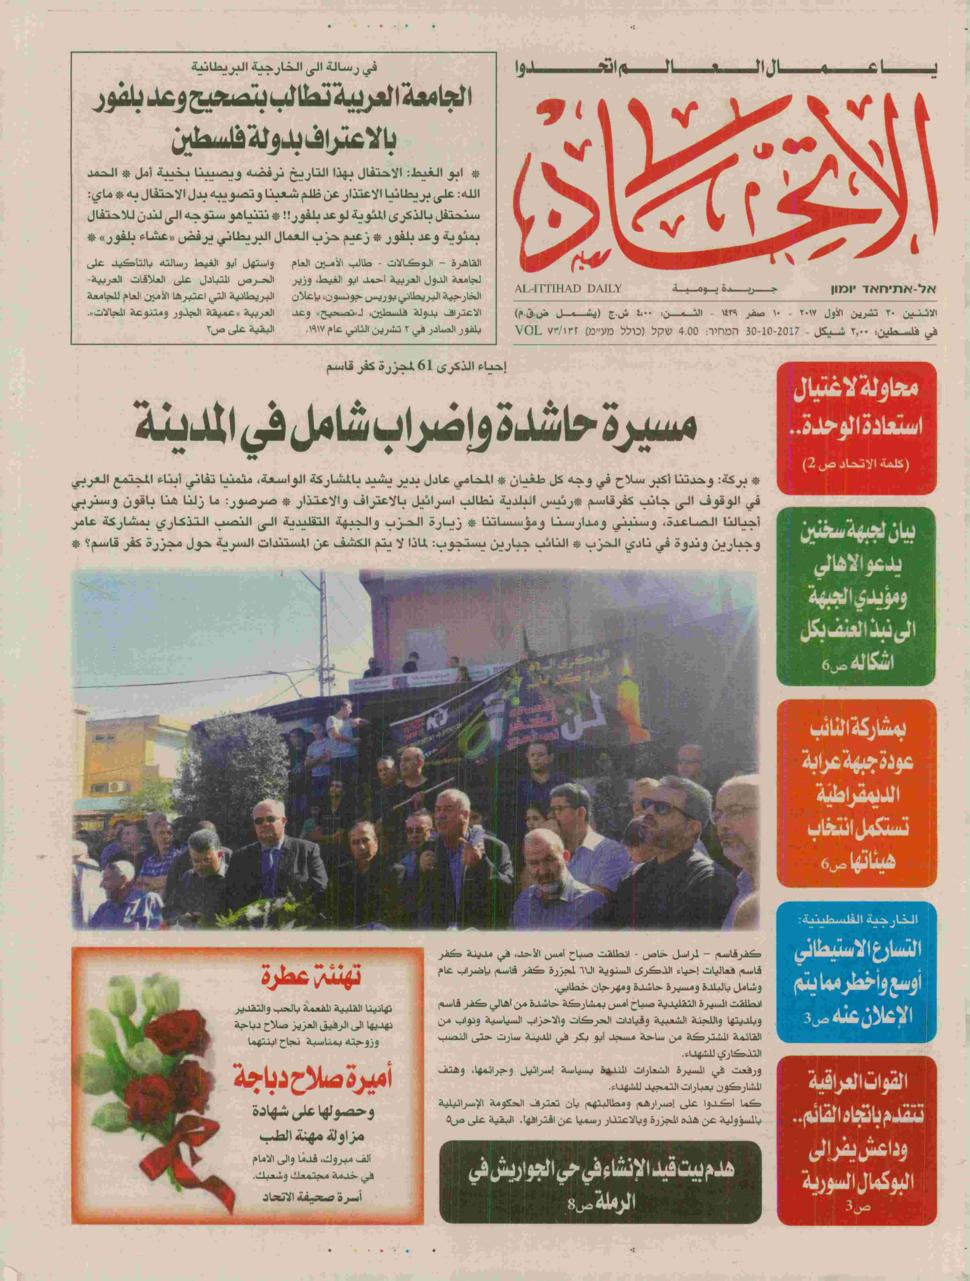 שער אל-איתיחאד ב-30 באוקטובר 2017